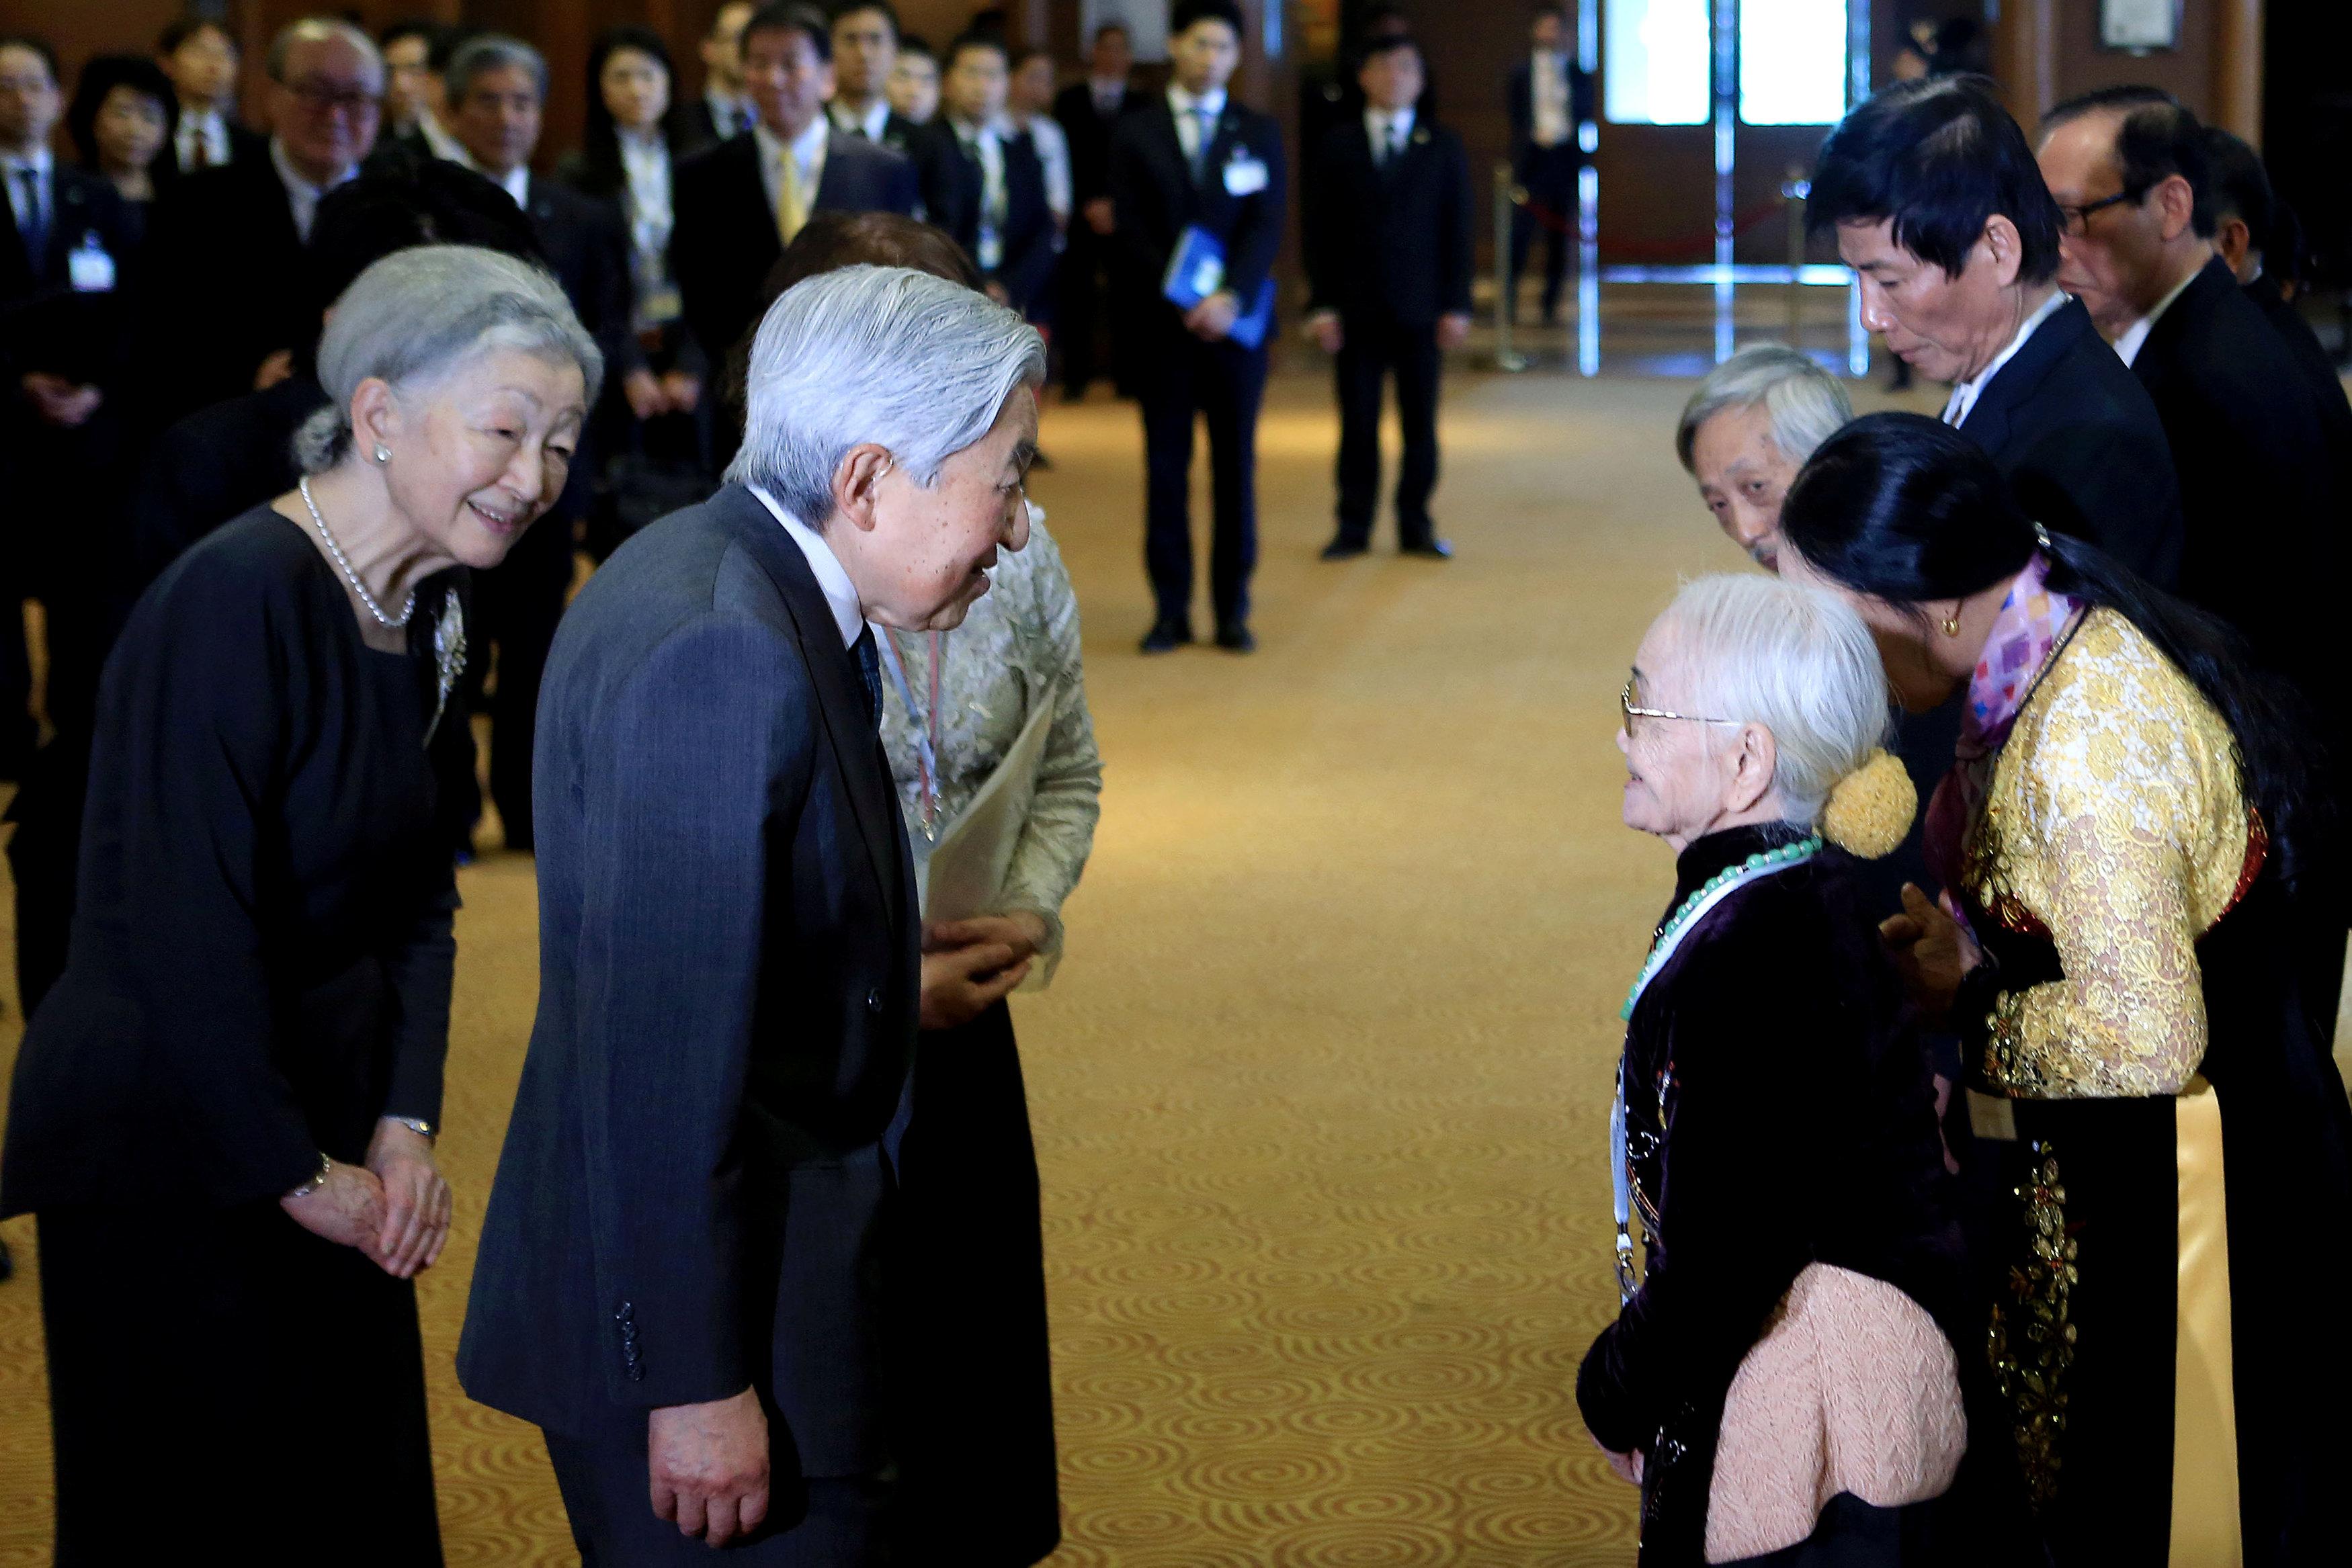 فعاليات زيارة أمبرطور فيتنام إلى اليابان